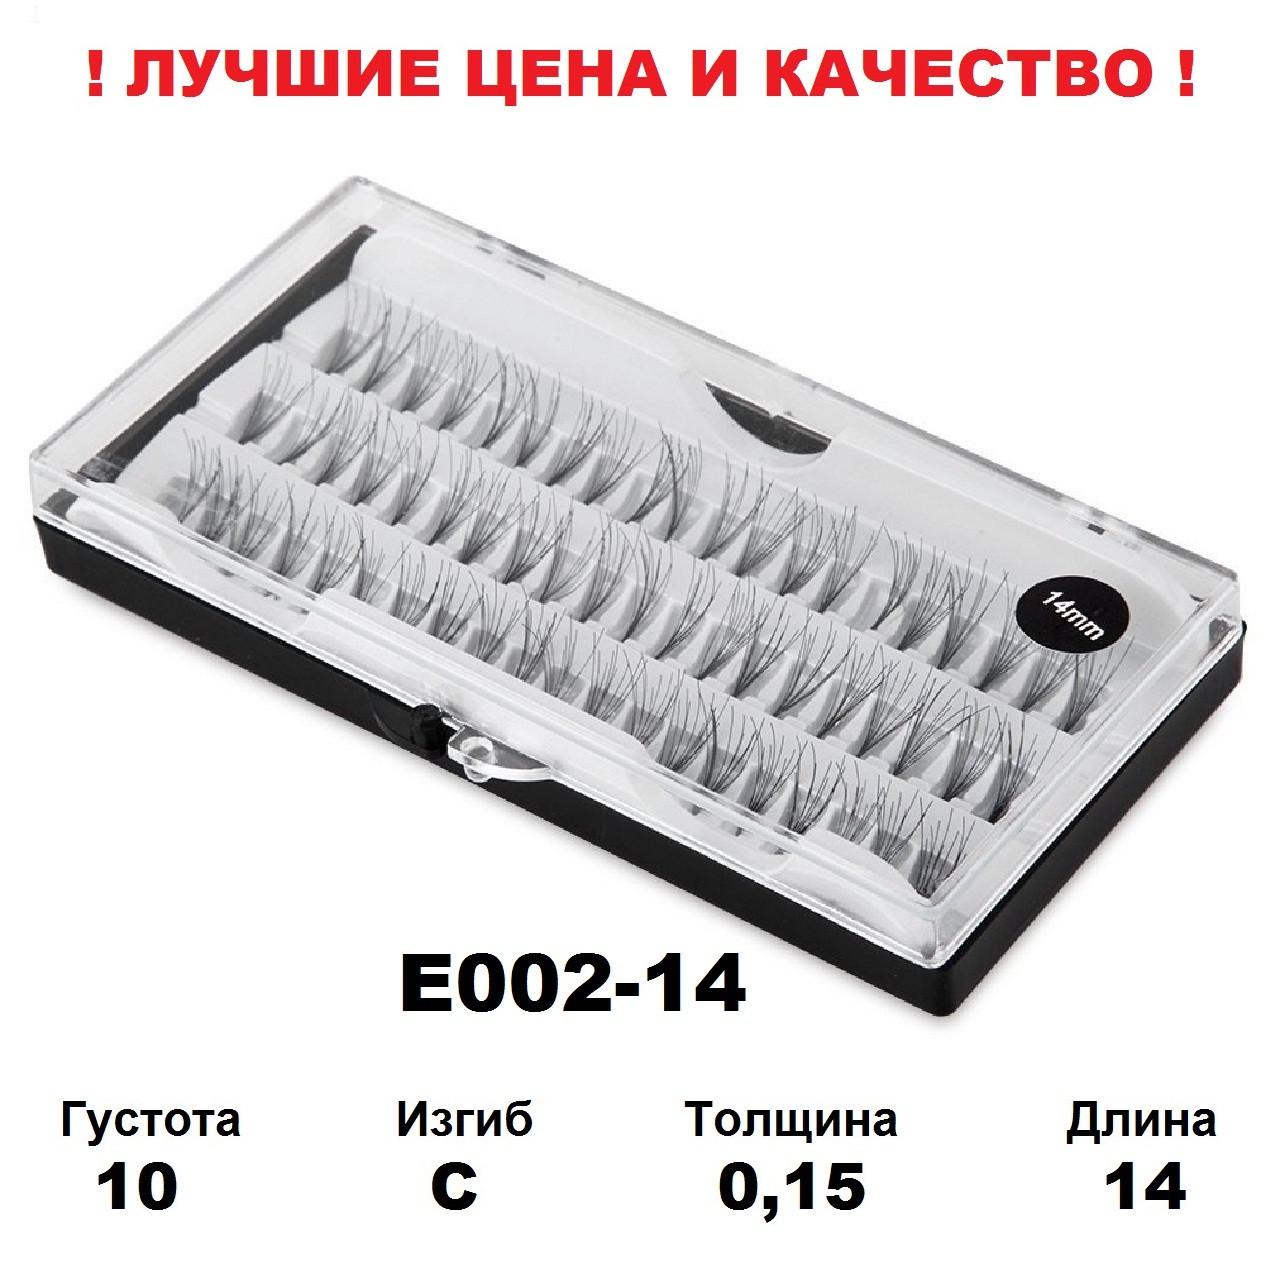 Ресницы пучки в кейсе 10D, 8-14 мм, С, 0,15, 60 пучков 14, Черный